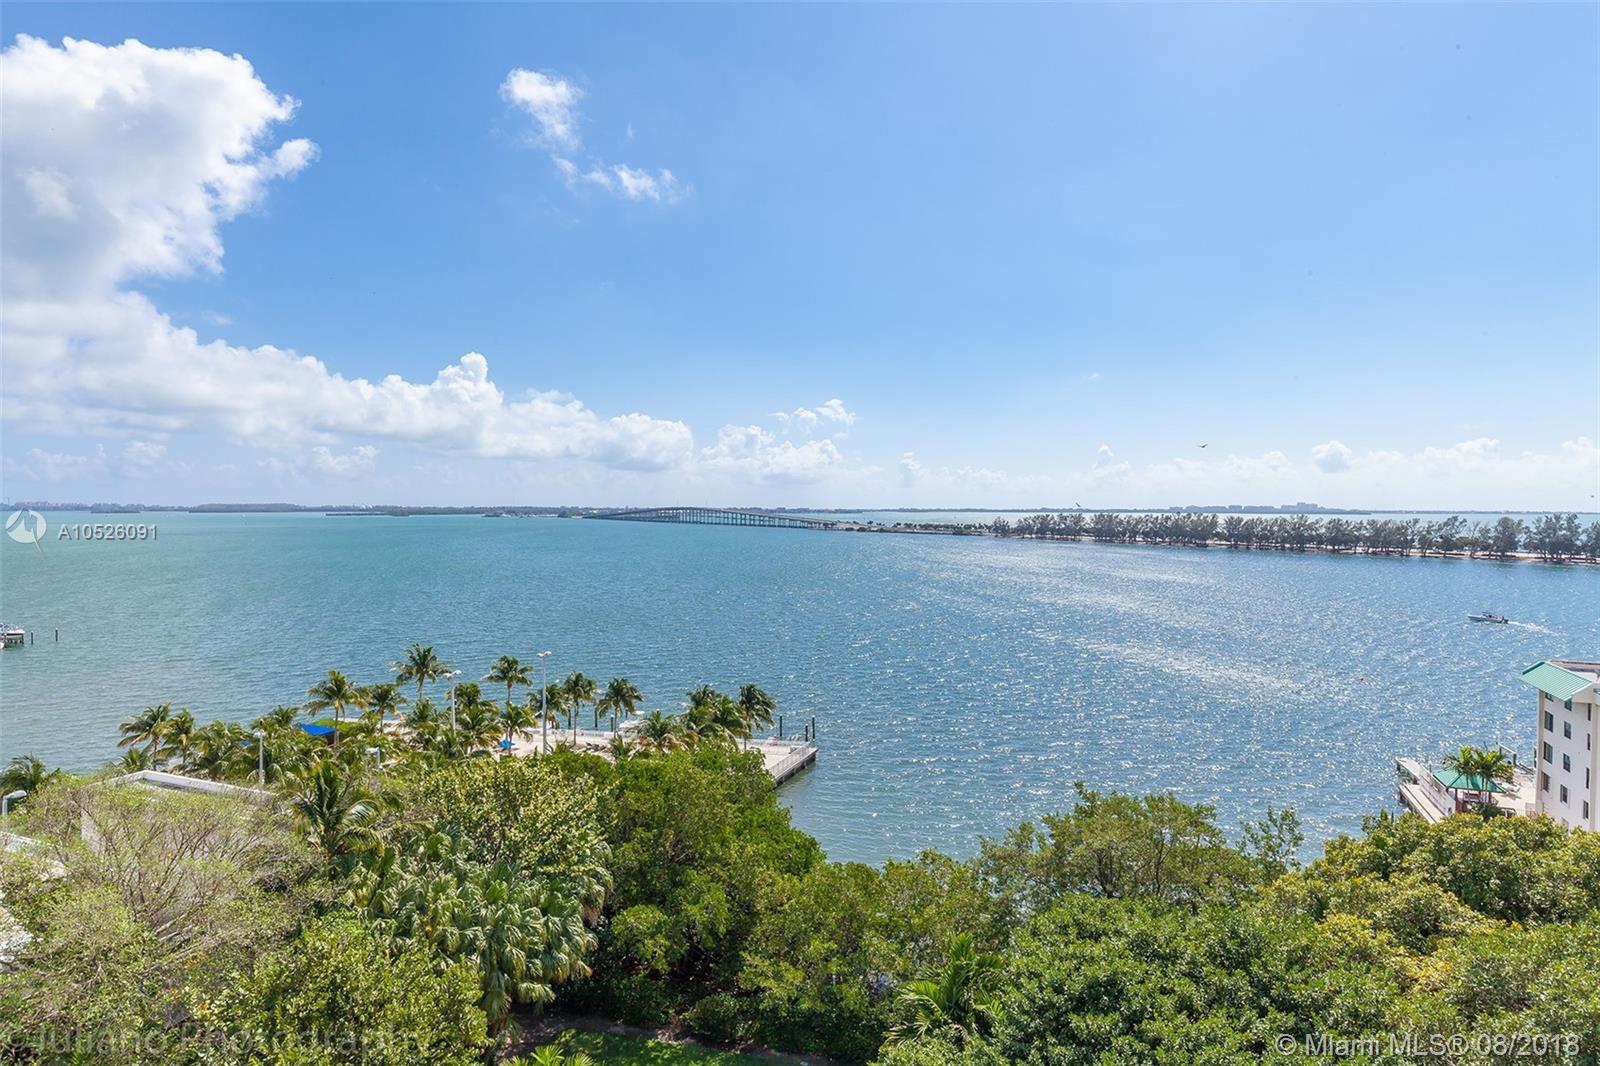 2127 Brickell Avenue, Miami, FL 33129, Bristol Tower Condominium #1103, Brickell, Miami A10526091 image #35